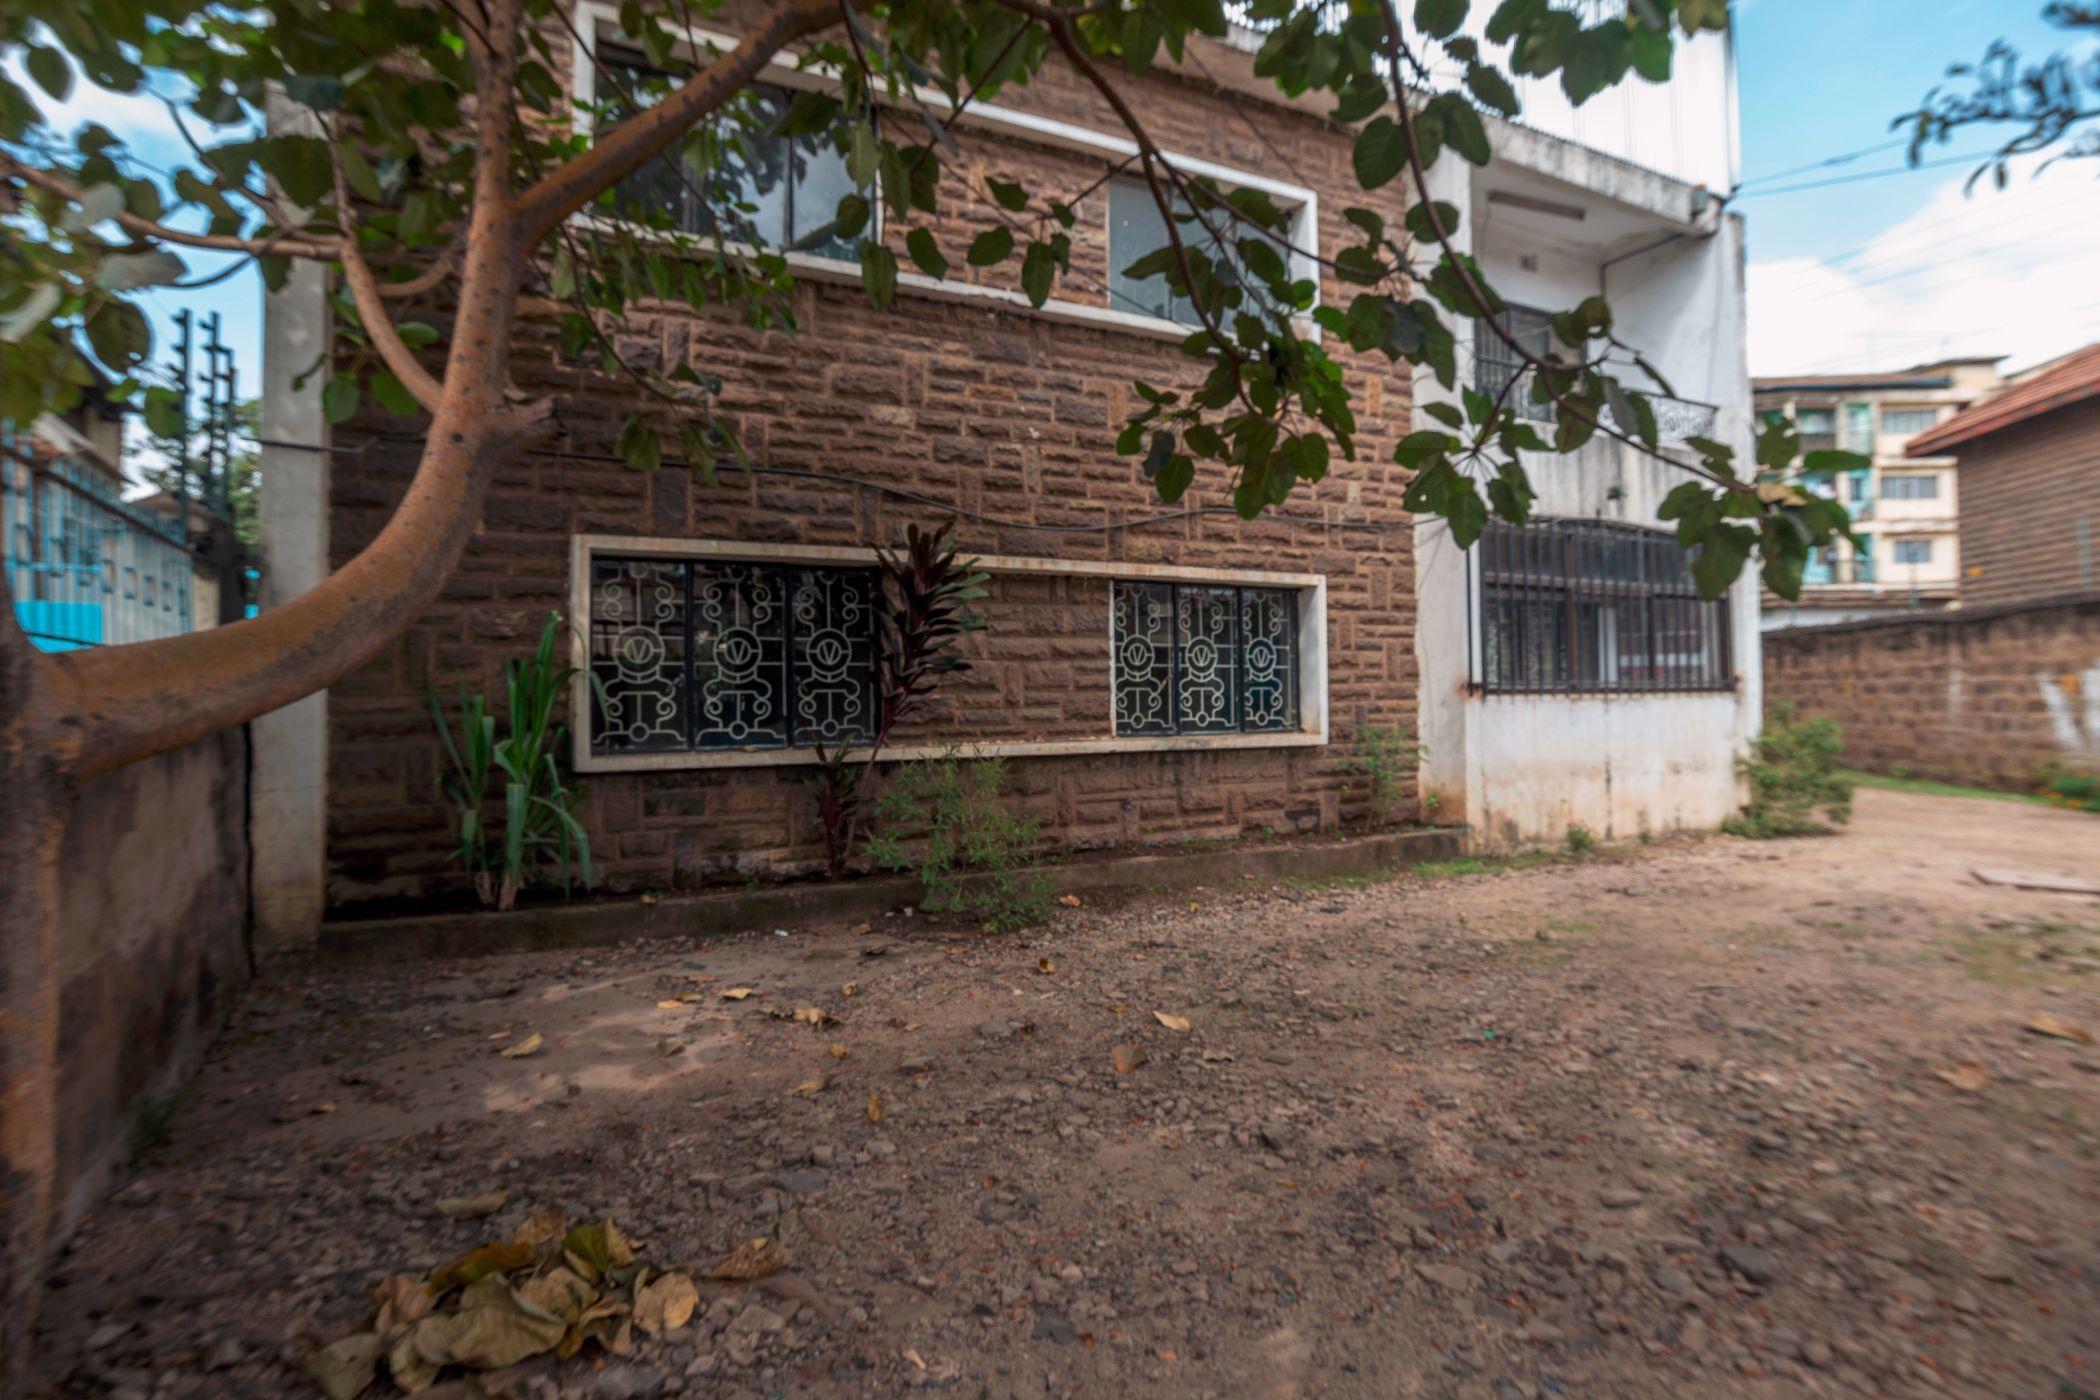 6 bedroom house for sale in Nairobi West (Kenya)